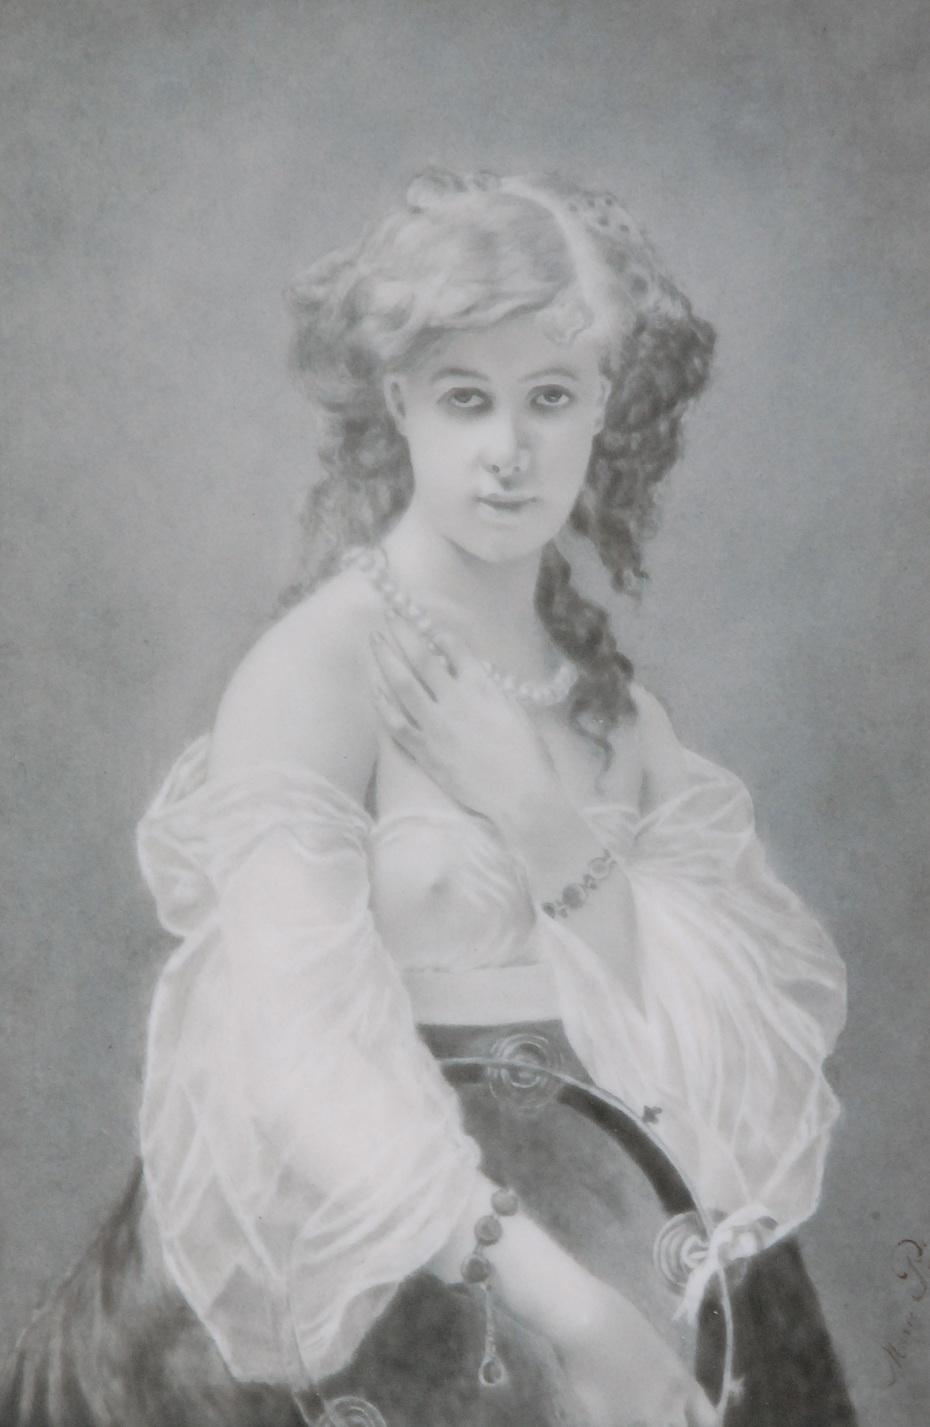 Portret młodej dziewczyny z tamburynem, w ramie drewnianej